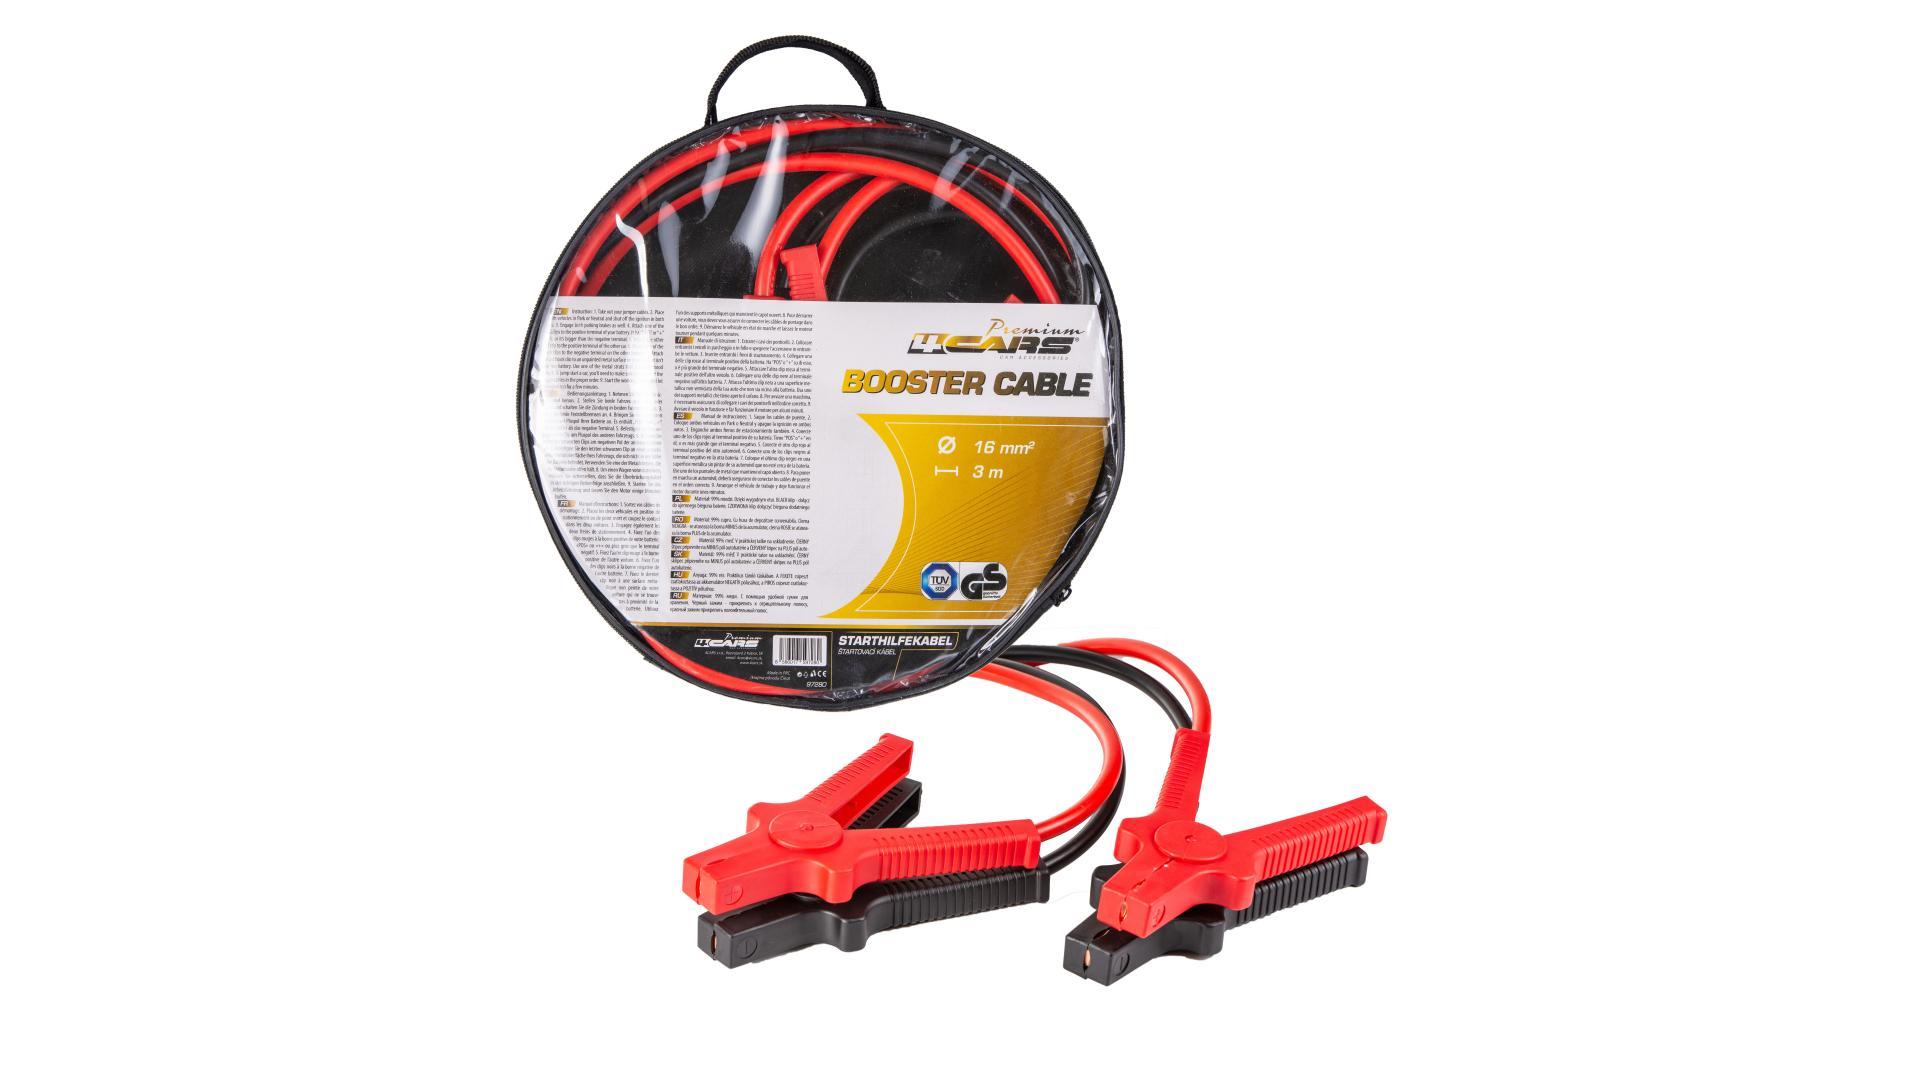 4CARS Premium Startovací kabel - DIN 72553 izolované kleště, tloušťka 16.0MM², 3metre